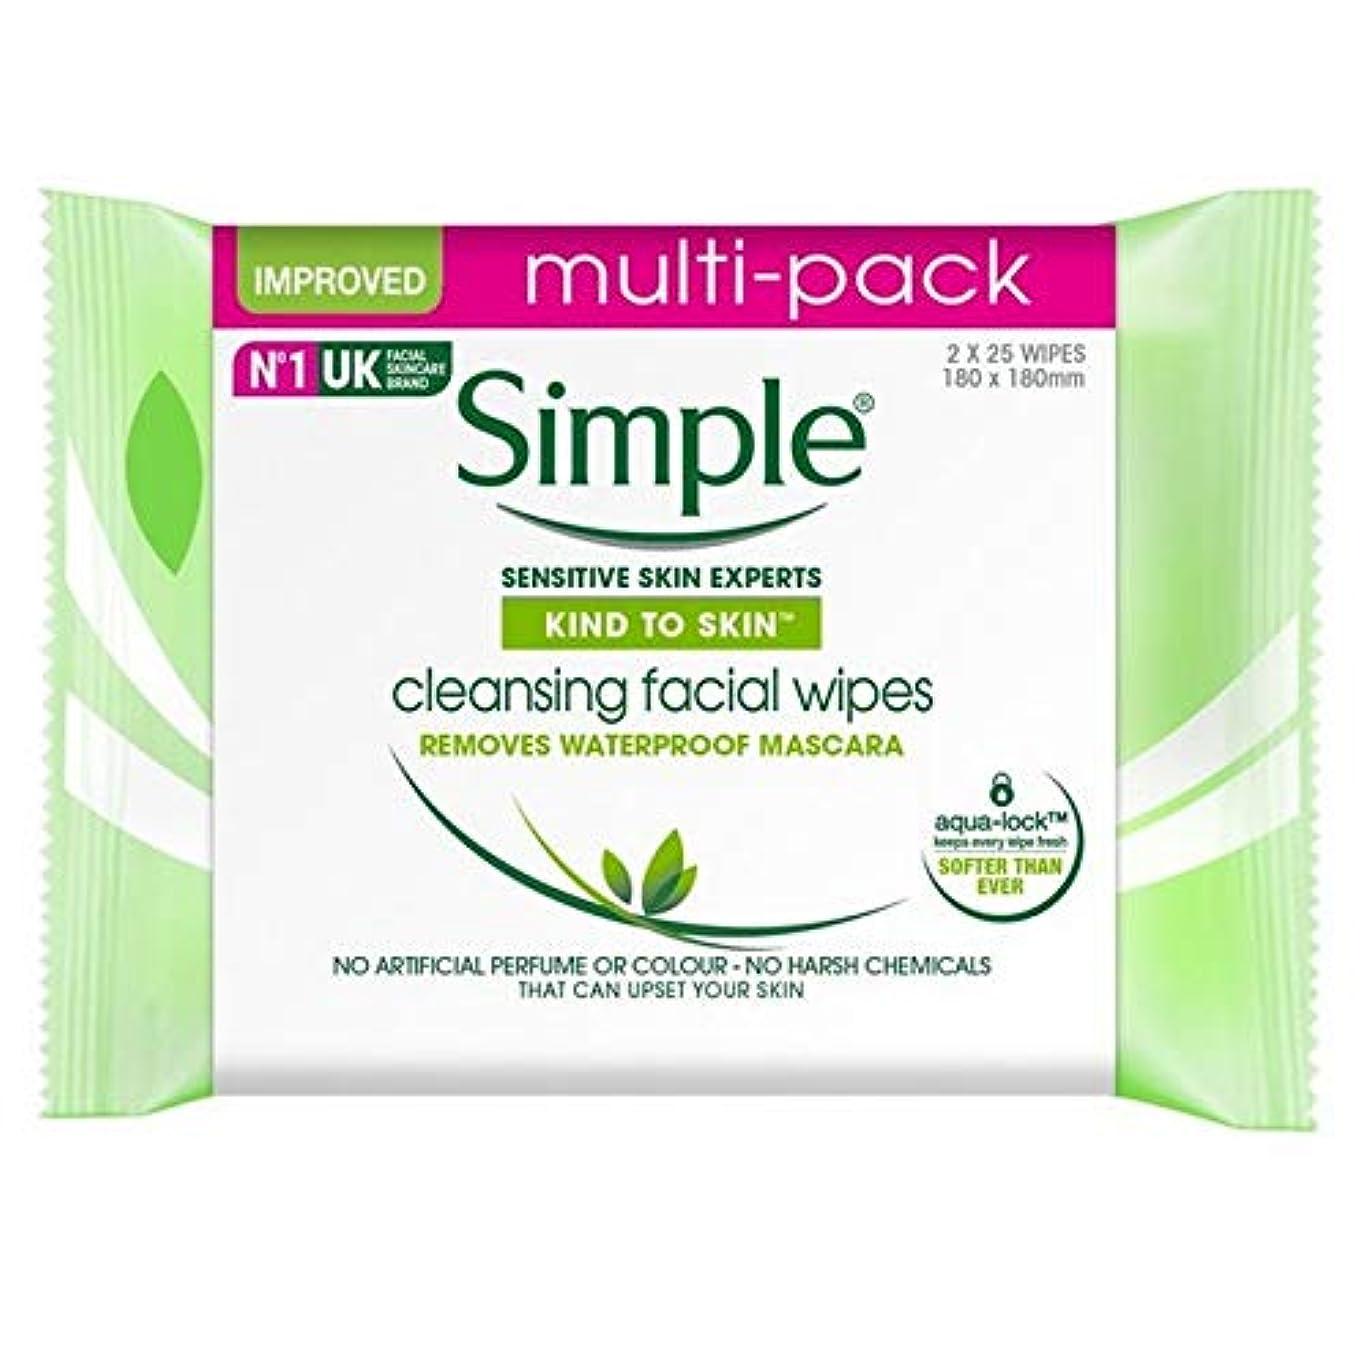 衛星折るわな[Simple ] 肌のクレンジングフェイシャルワイプ2×25パックあたりに簡単な種類 - Simple Kind To Skin Cleansing Facial Wipes 2 x 25 per pack [並行輸入品]